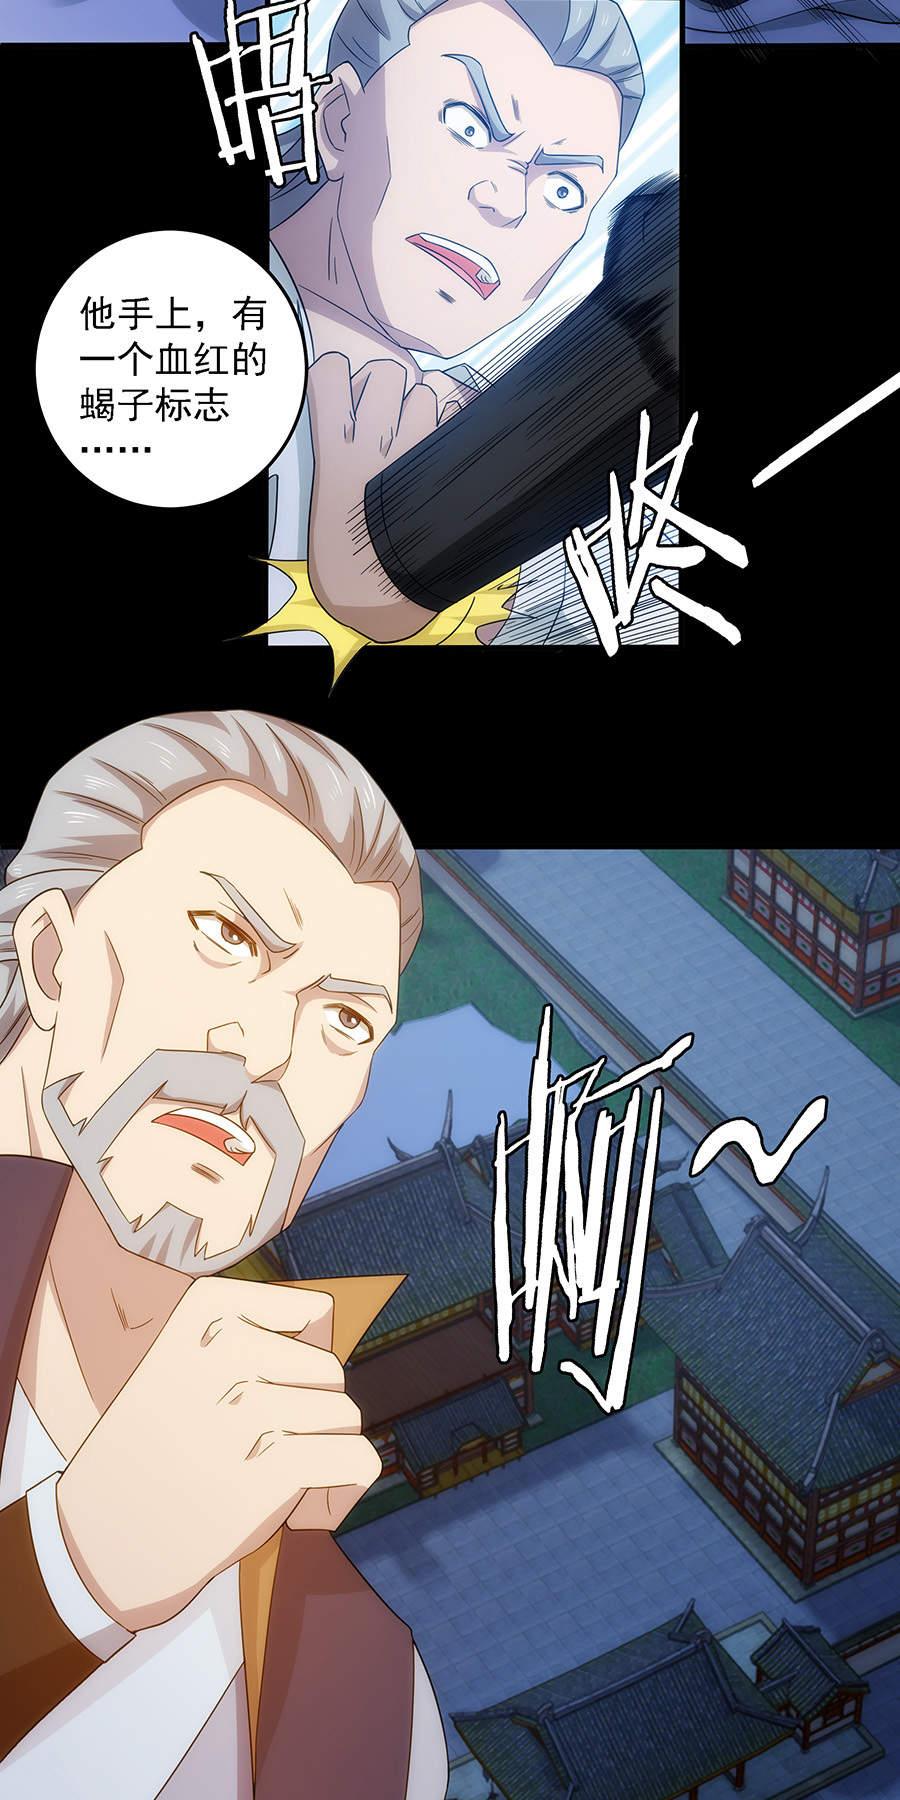 绝世剑神第28话  混乱之城 第 8